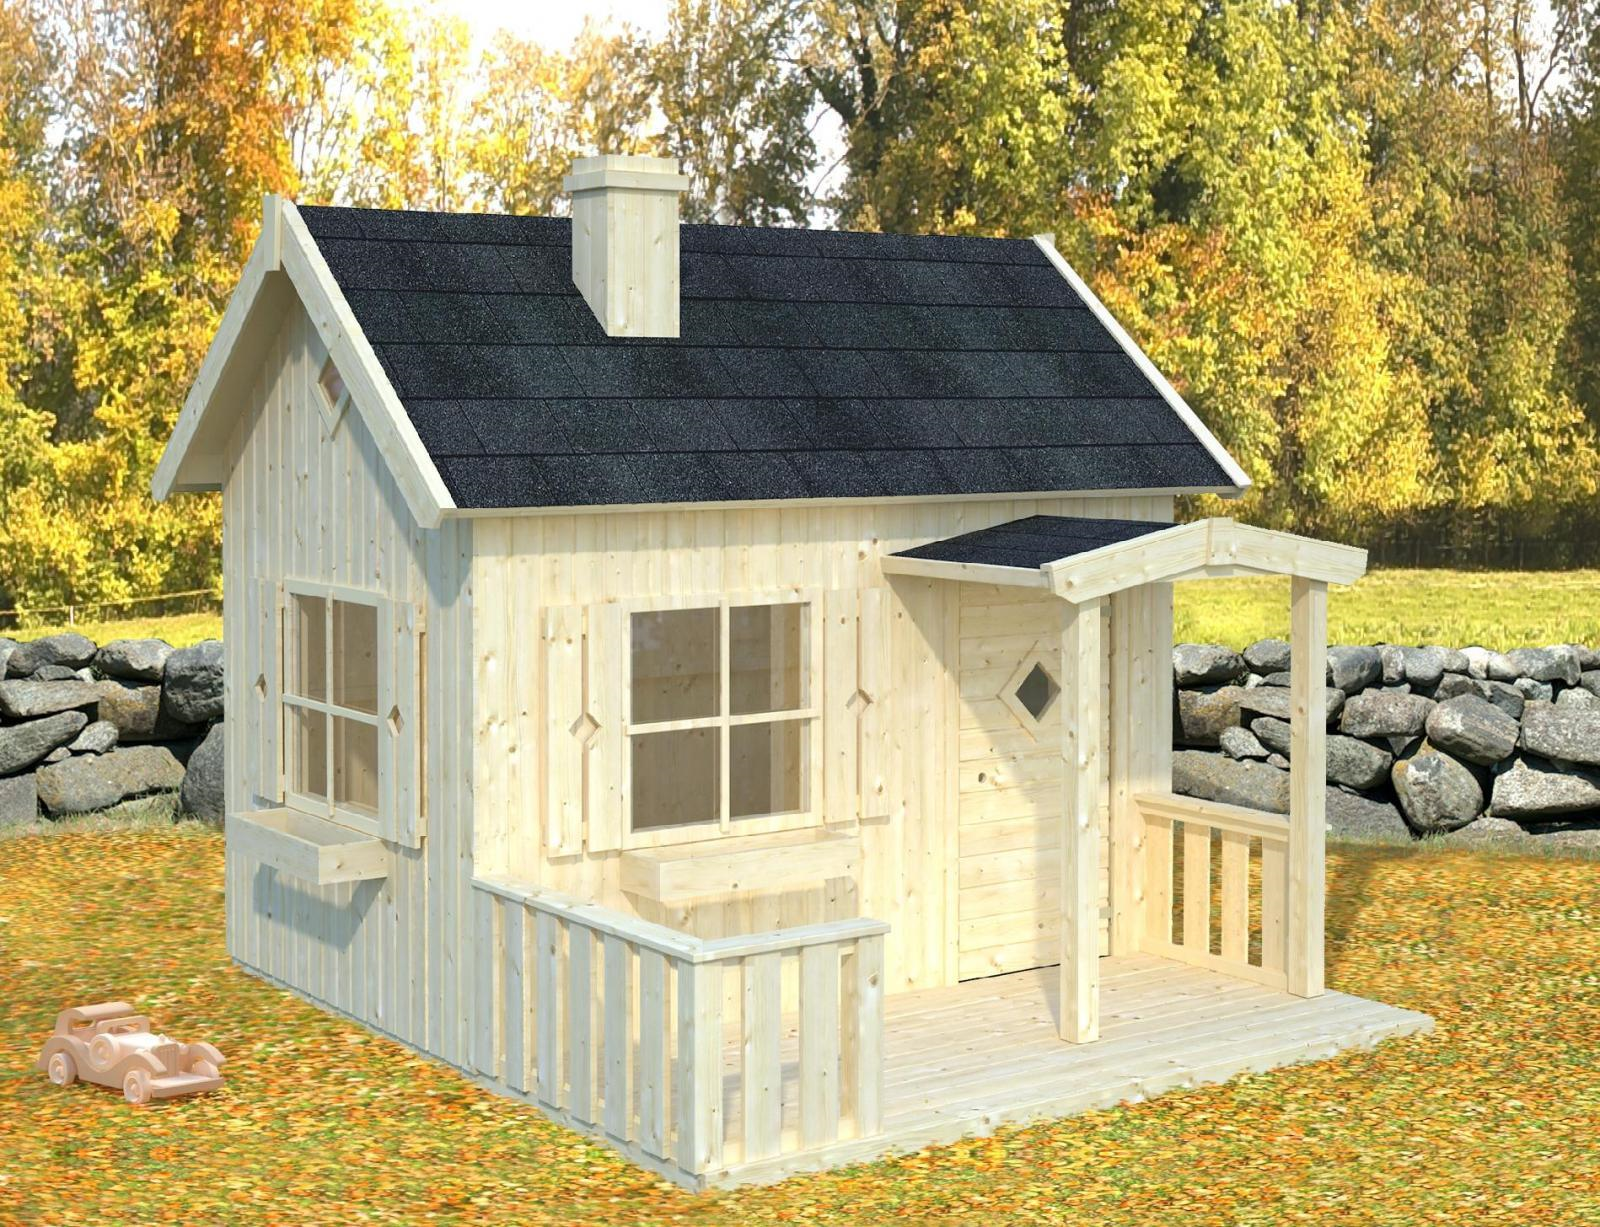 maisonnette otto 3 6m jardi aisne animalerie jardinerie p pini re d coration. Black Bedroom Furniture Sets. Home Design Ideas